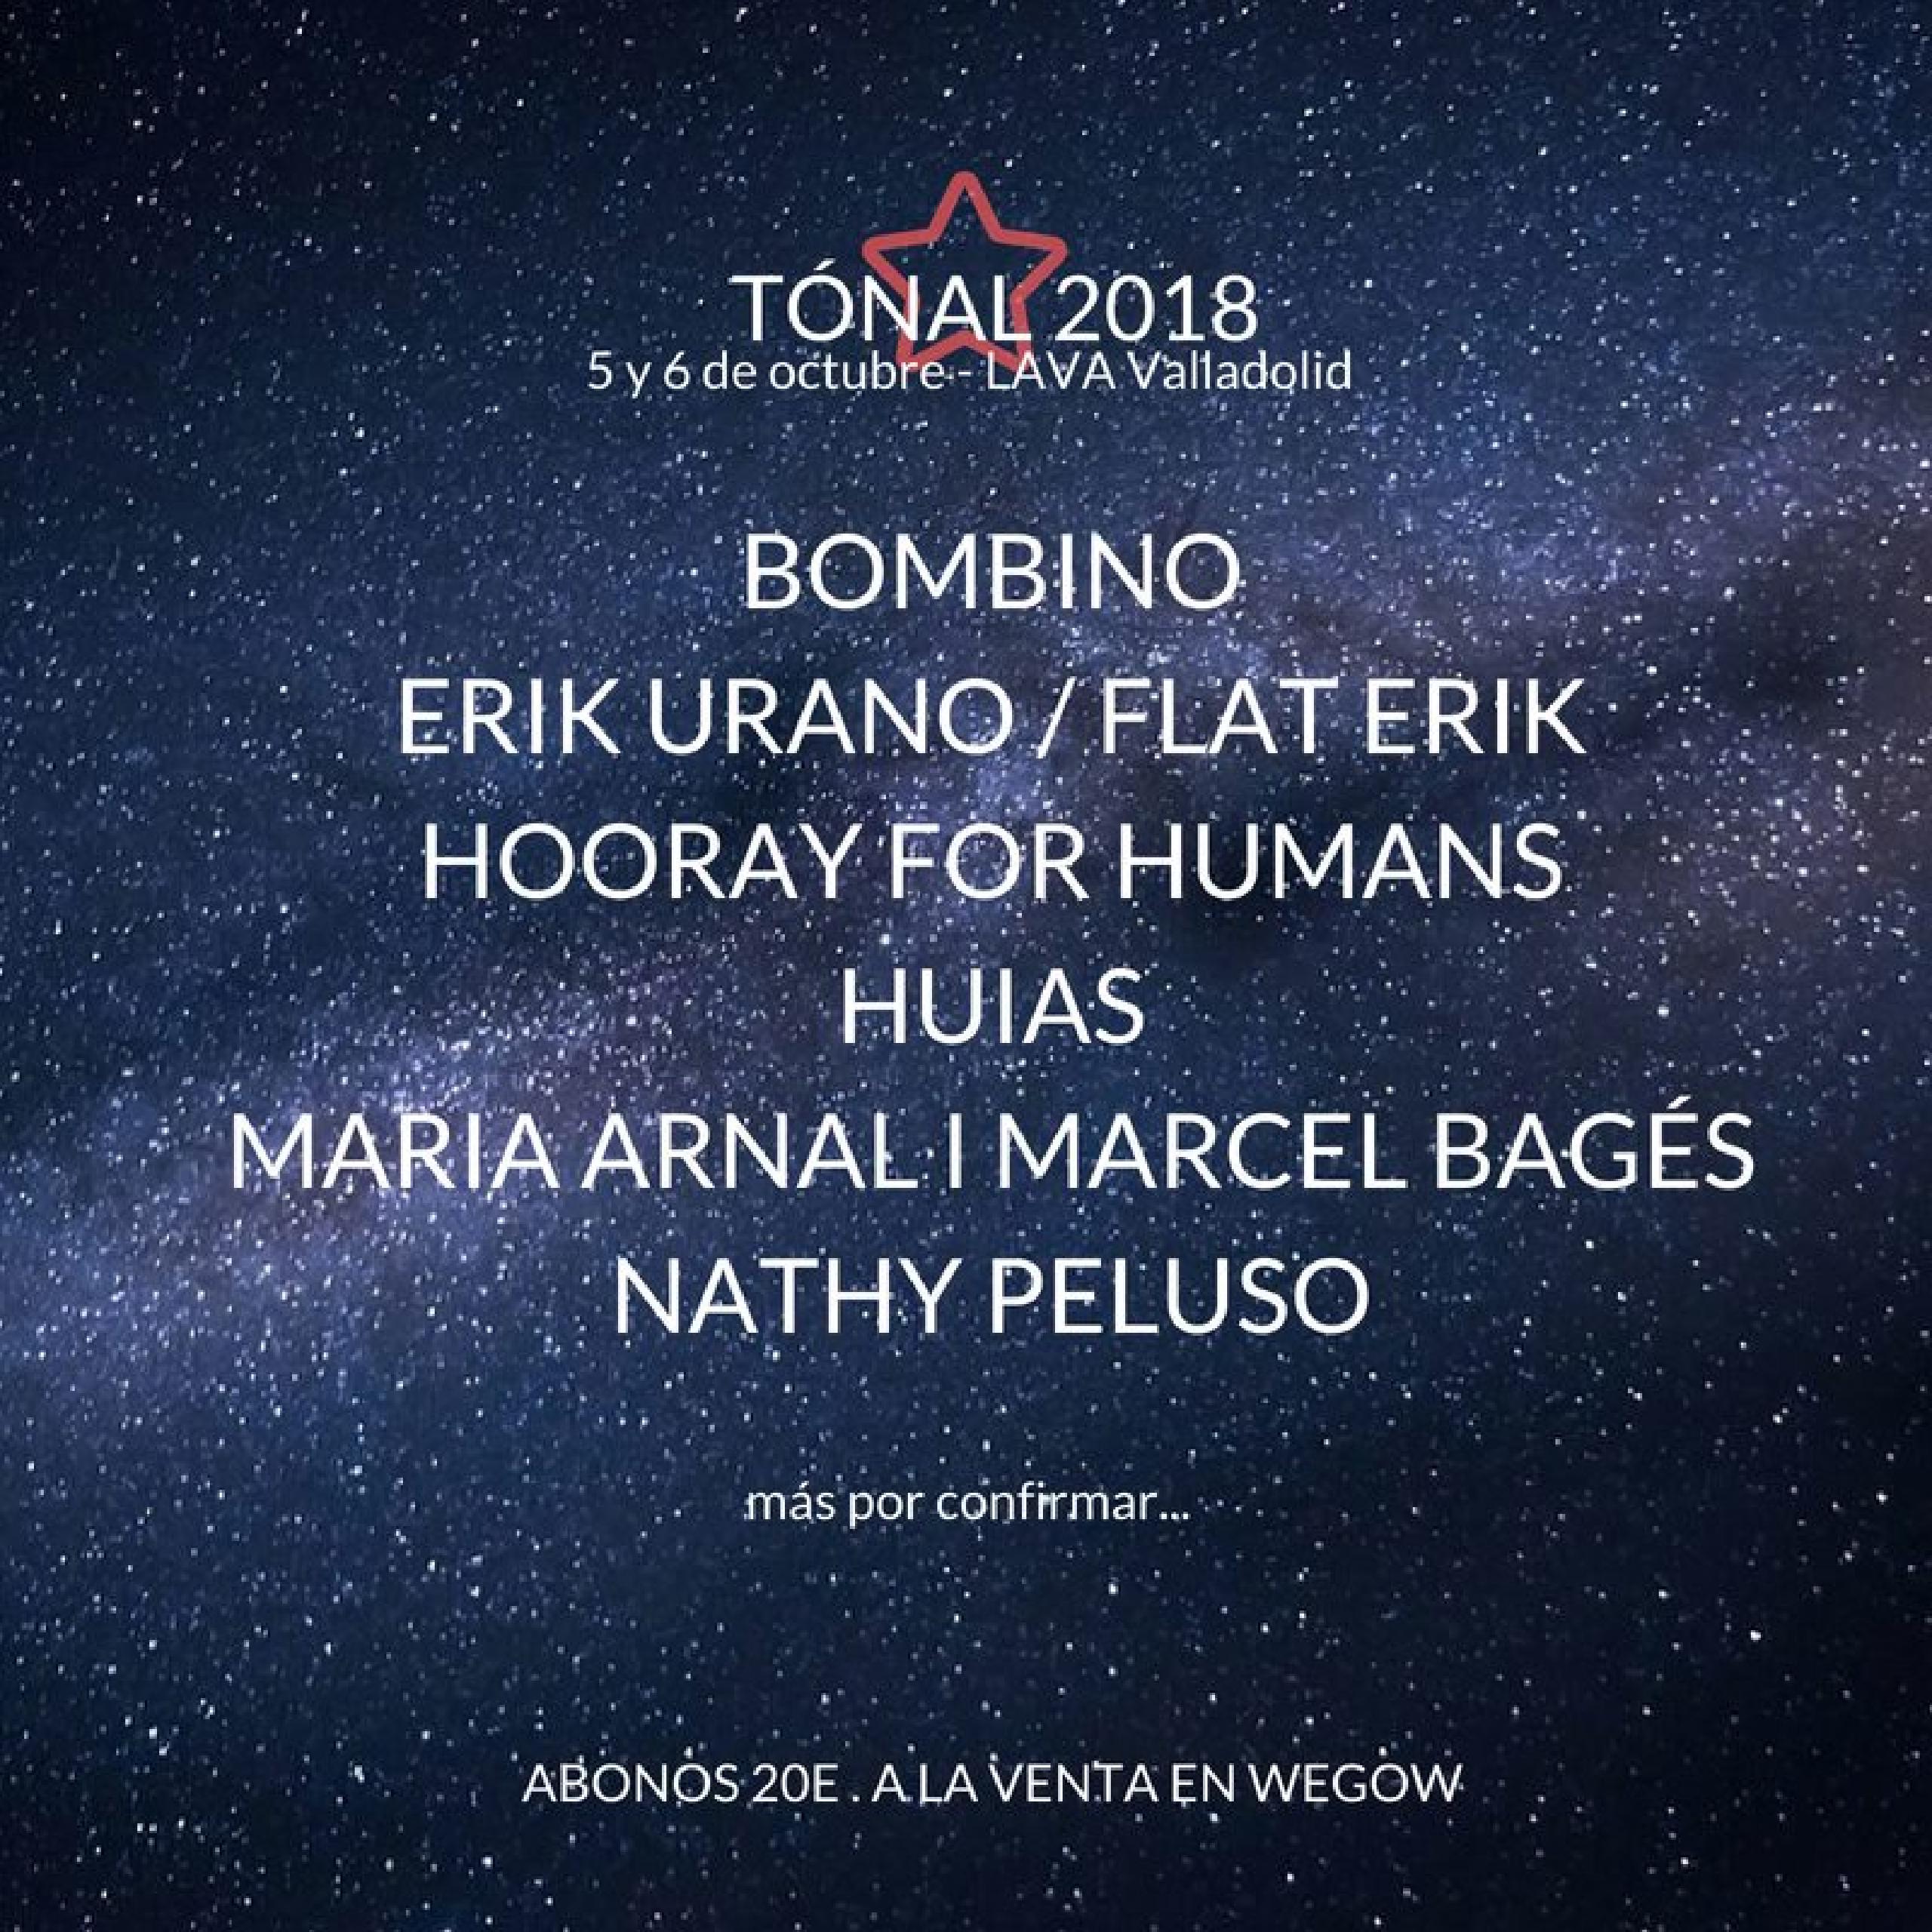 Tonal 2018